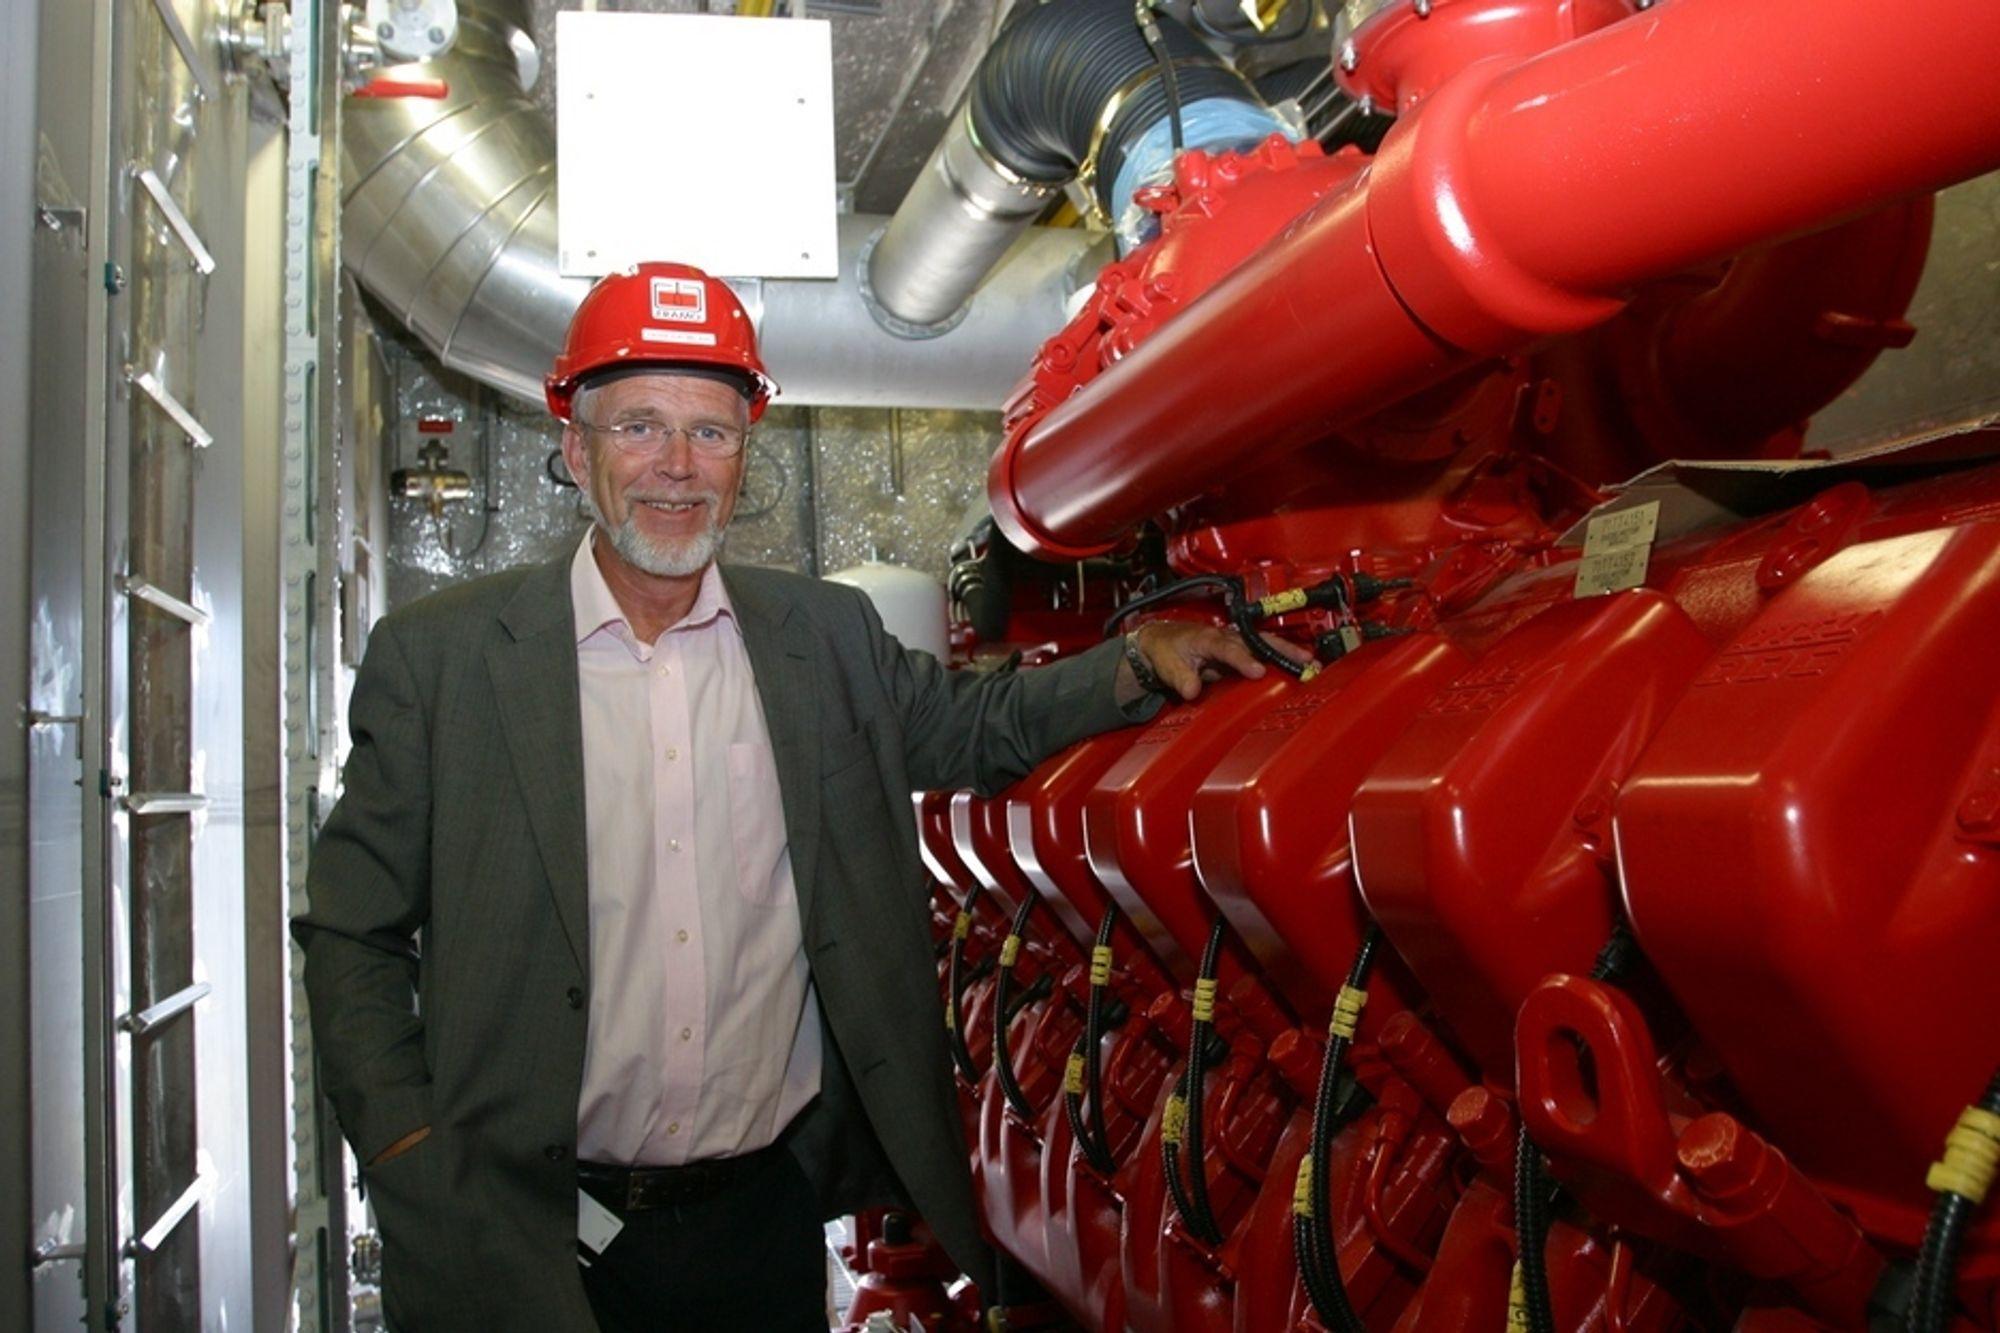 LØNNSOMT: Lav oljepris har gjort at flere land nå ønsker å lagre store volum olje under bakken, forteller salgssjef Frode Hjelmeland.